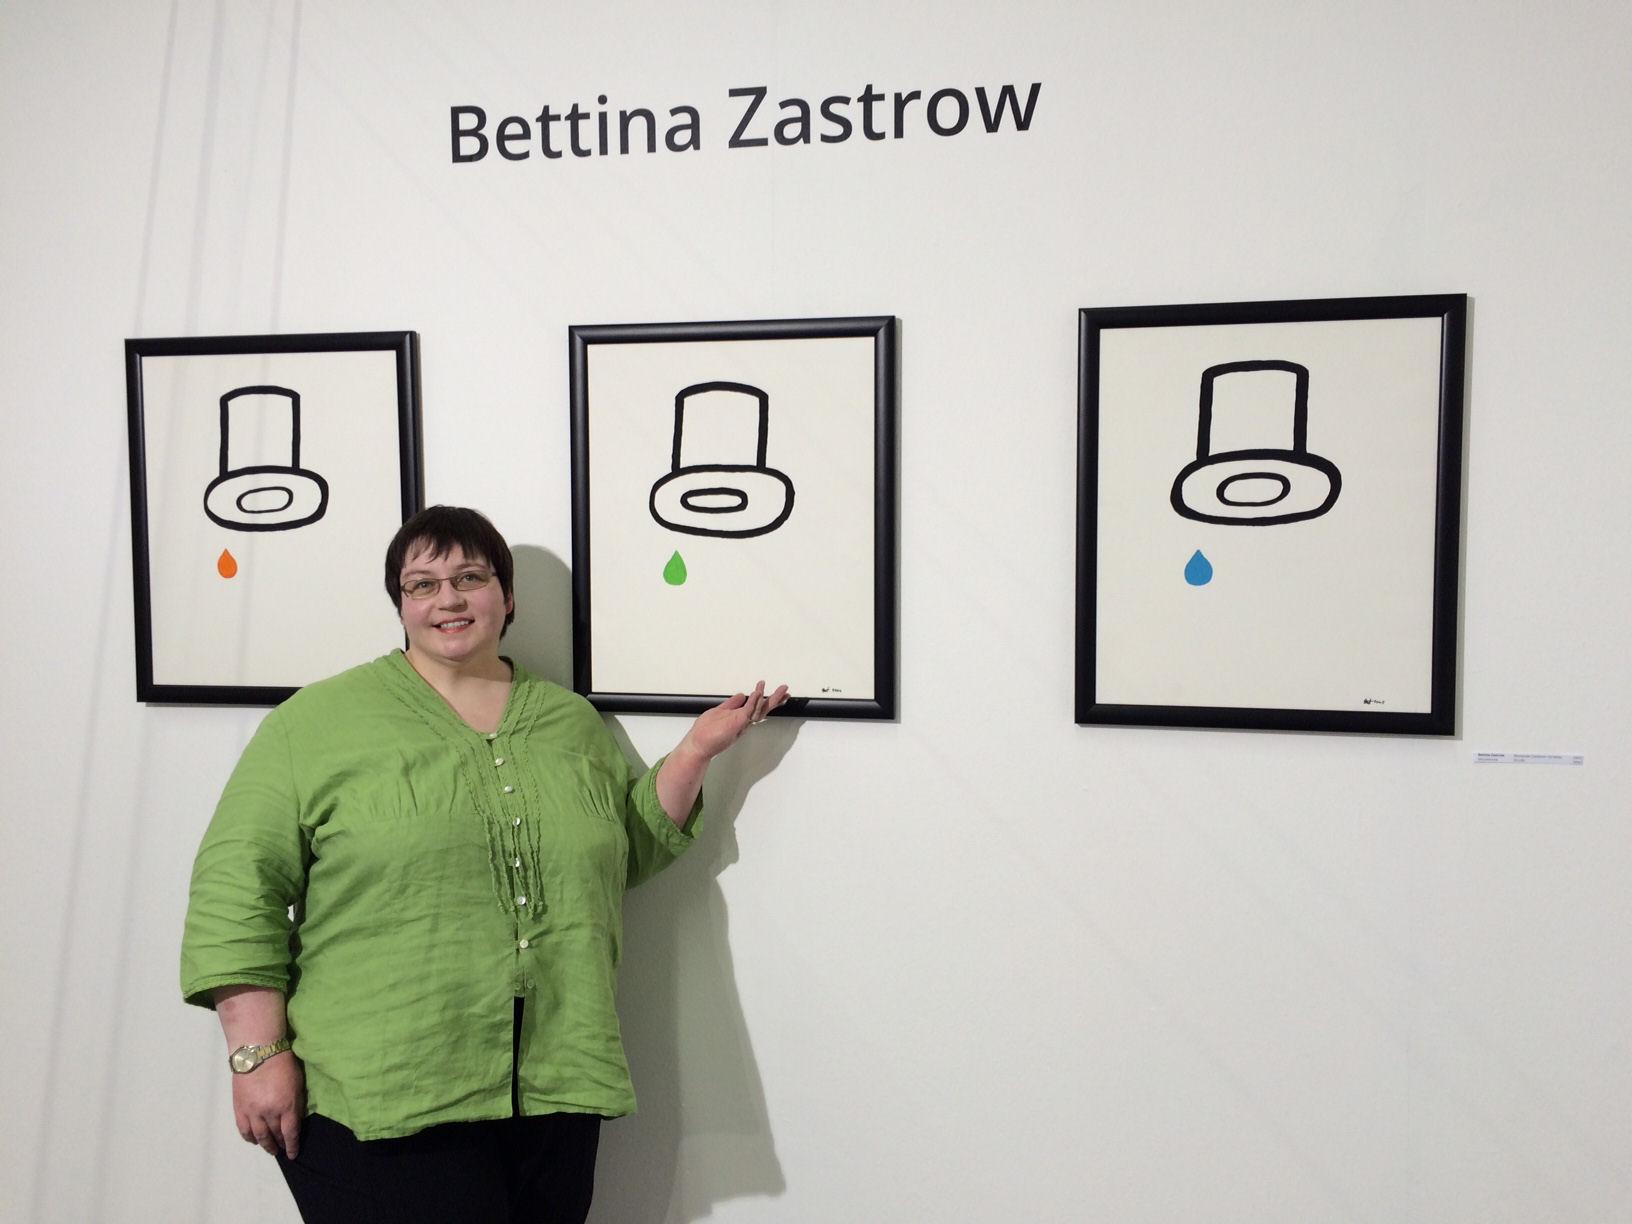 """Bettina Zastrow mit Bilderserie """"Weinender Zauberer"""" auf der Kunstmesse Art Innsbruck 2015"""